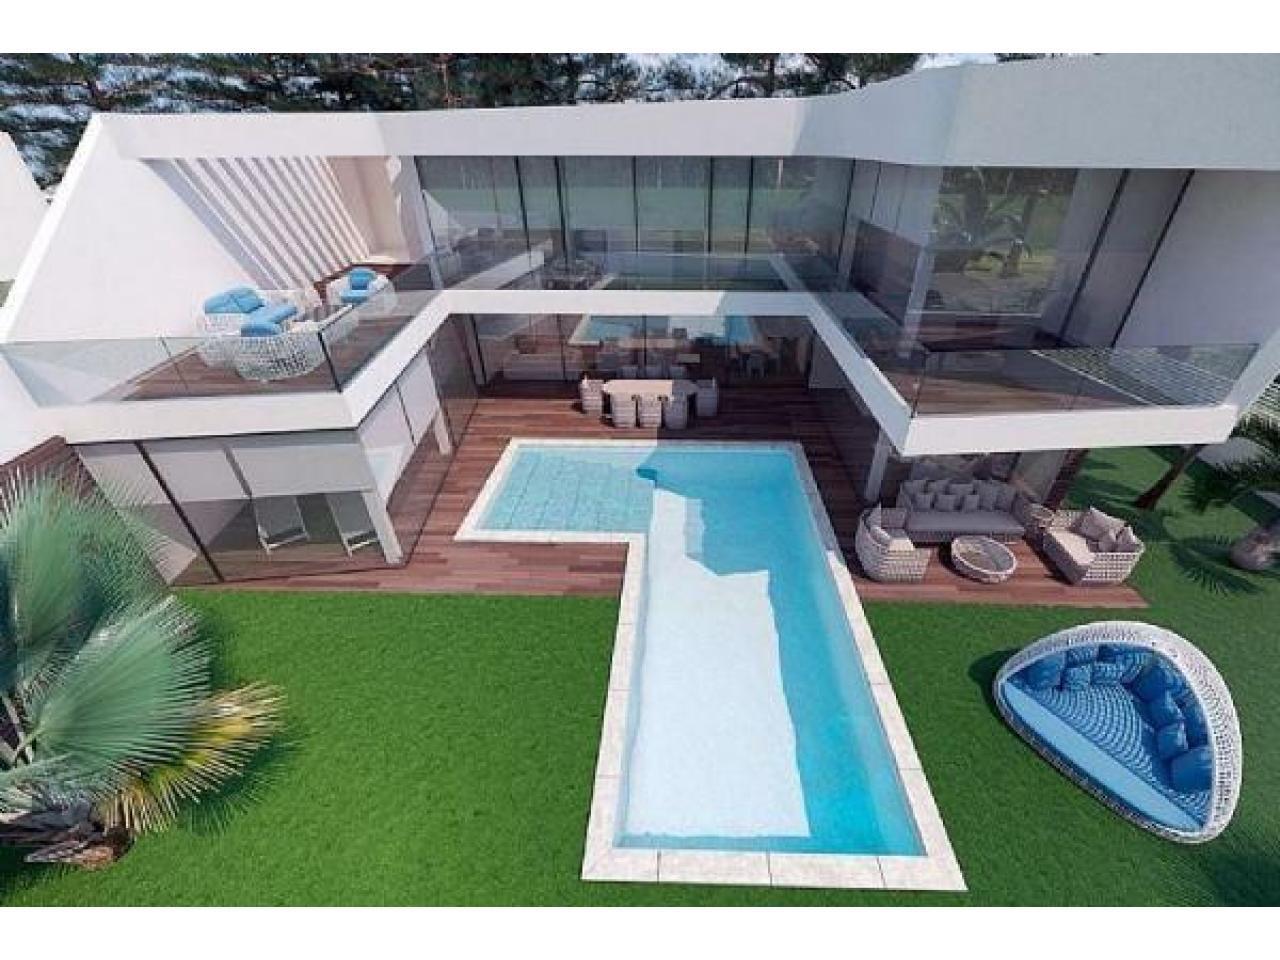 Недвижимость в Испании, Новая вилла рядом с морем от застройщика в Альтеа,Коста Бланка,Испания - 3